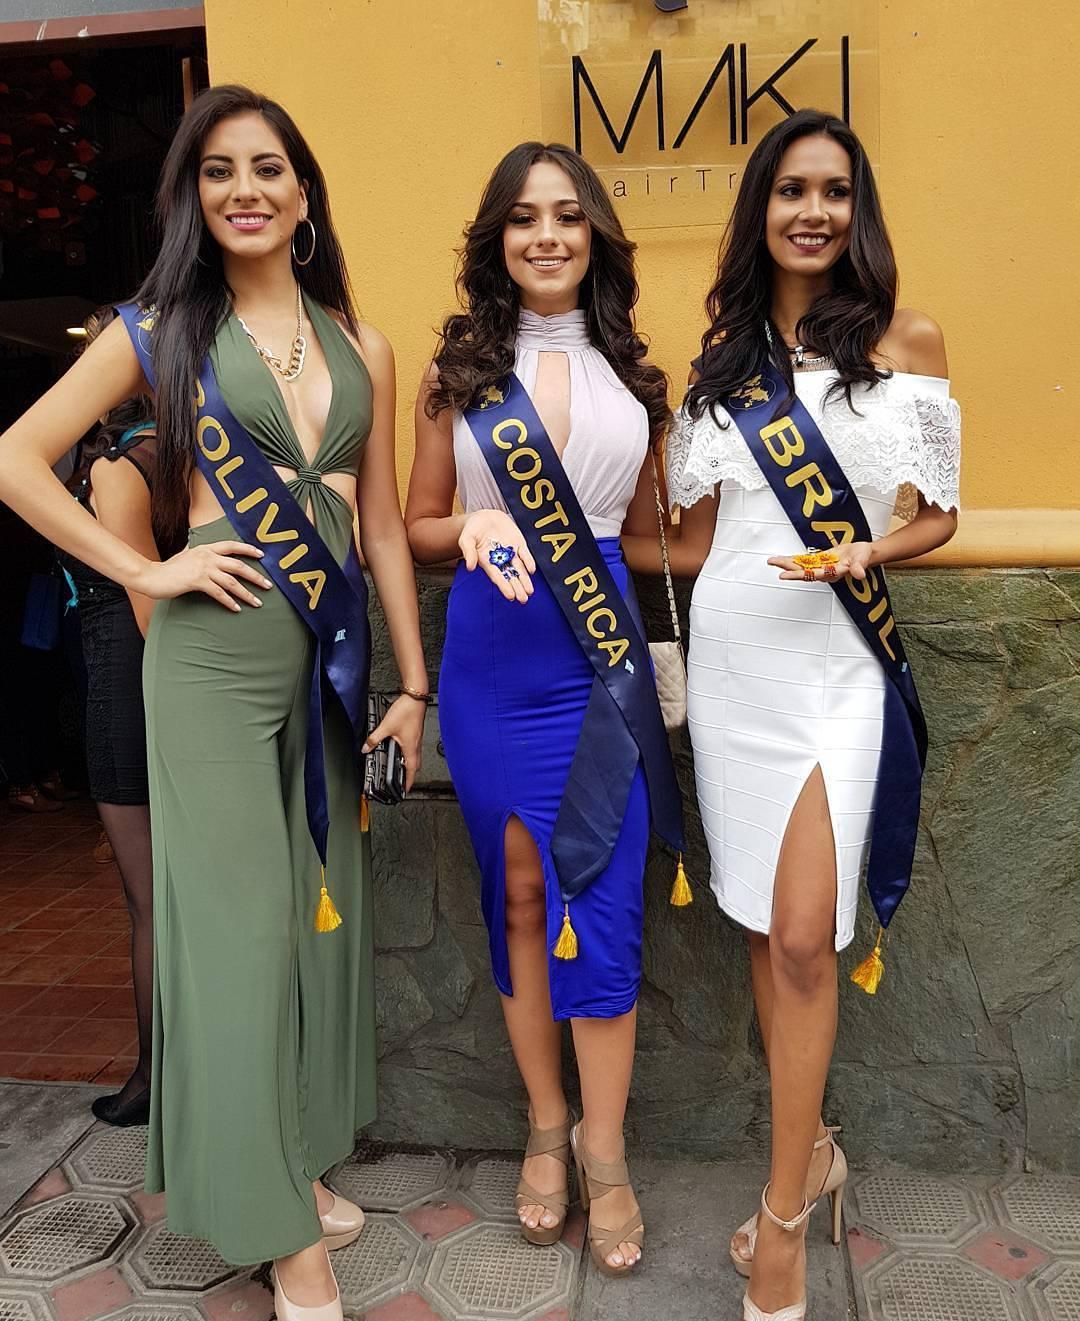 emanuelle costa, miss brasil continentes unidos 2017. - Página 4 Ny844nva